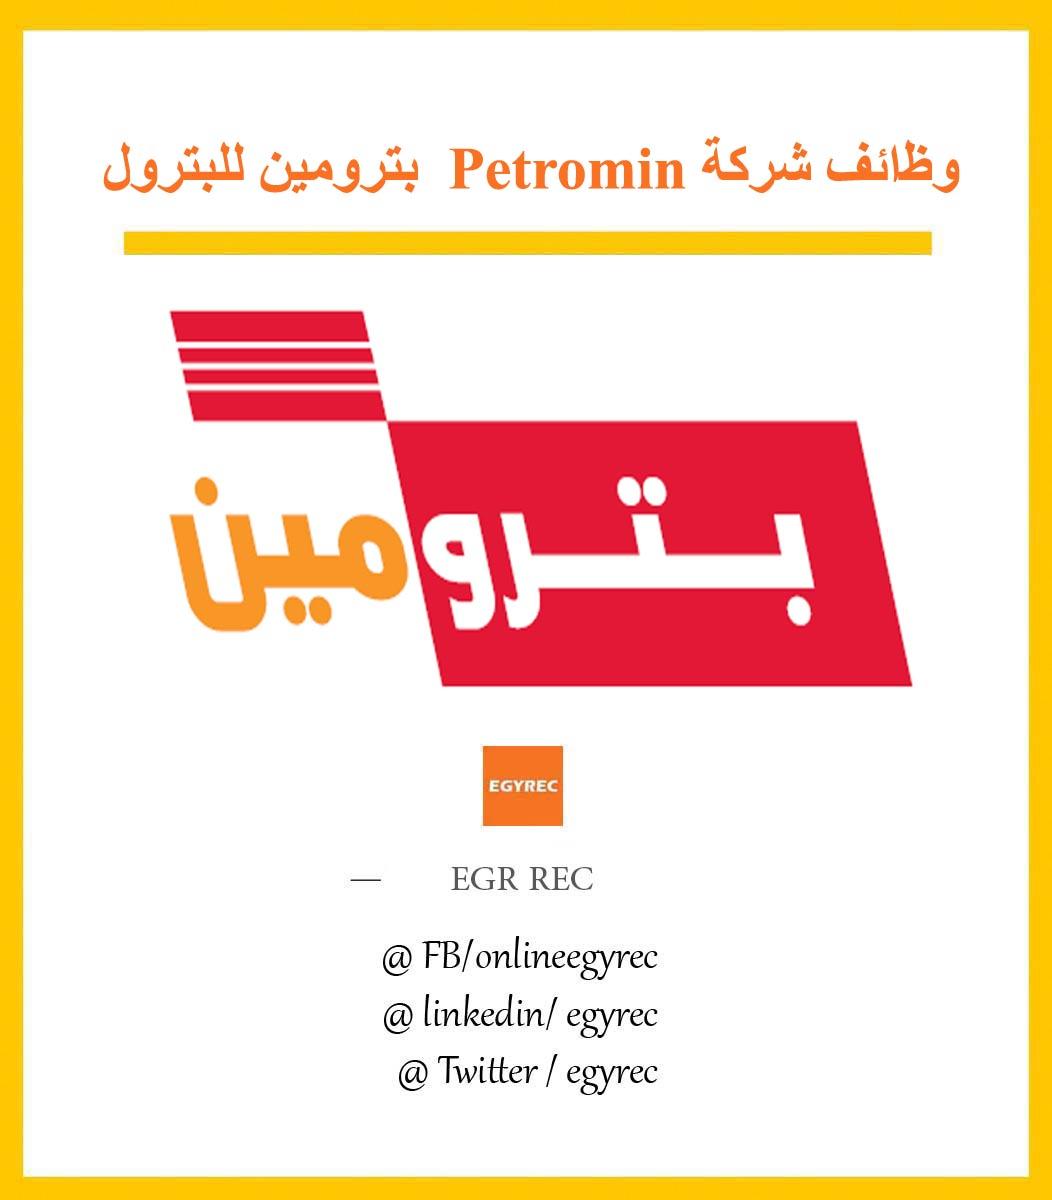 وظائف شركة Petromin بترومين للبترول - Egy Rec توظيف